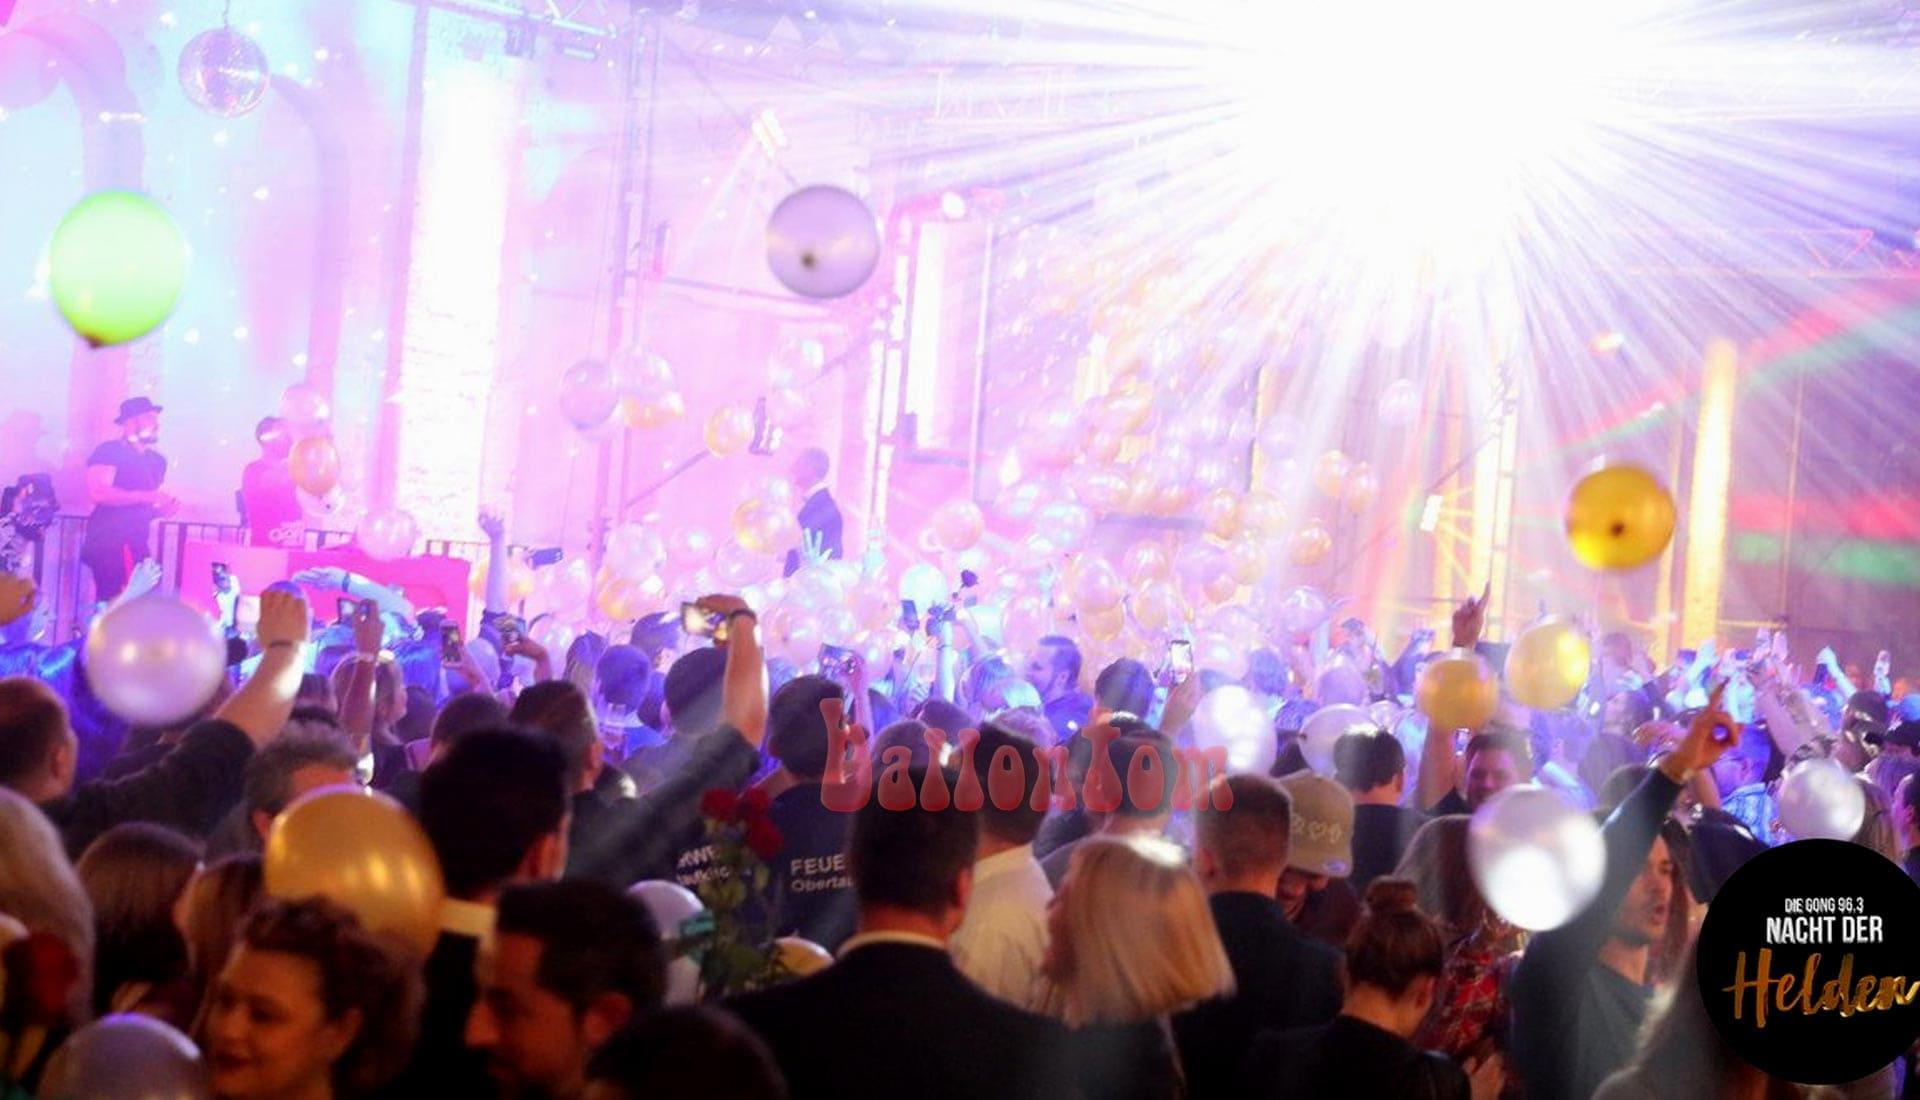 Ballonregen Radio Gong 96,3 München zur Nacht der Helde von ballontom